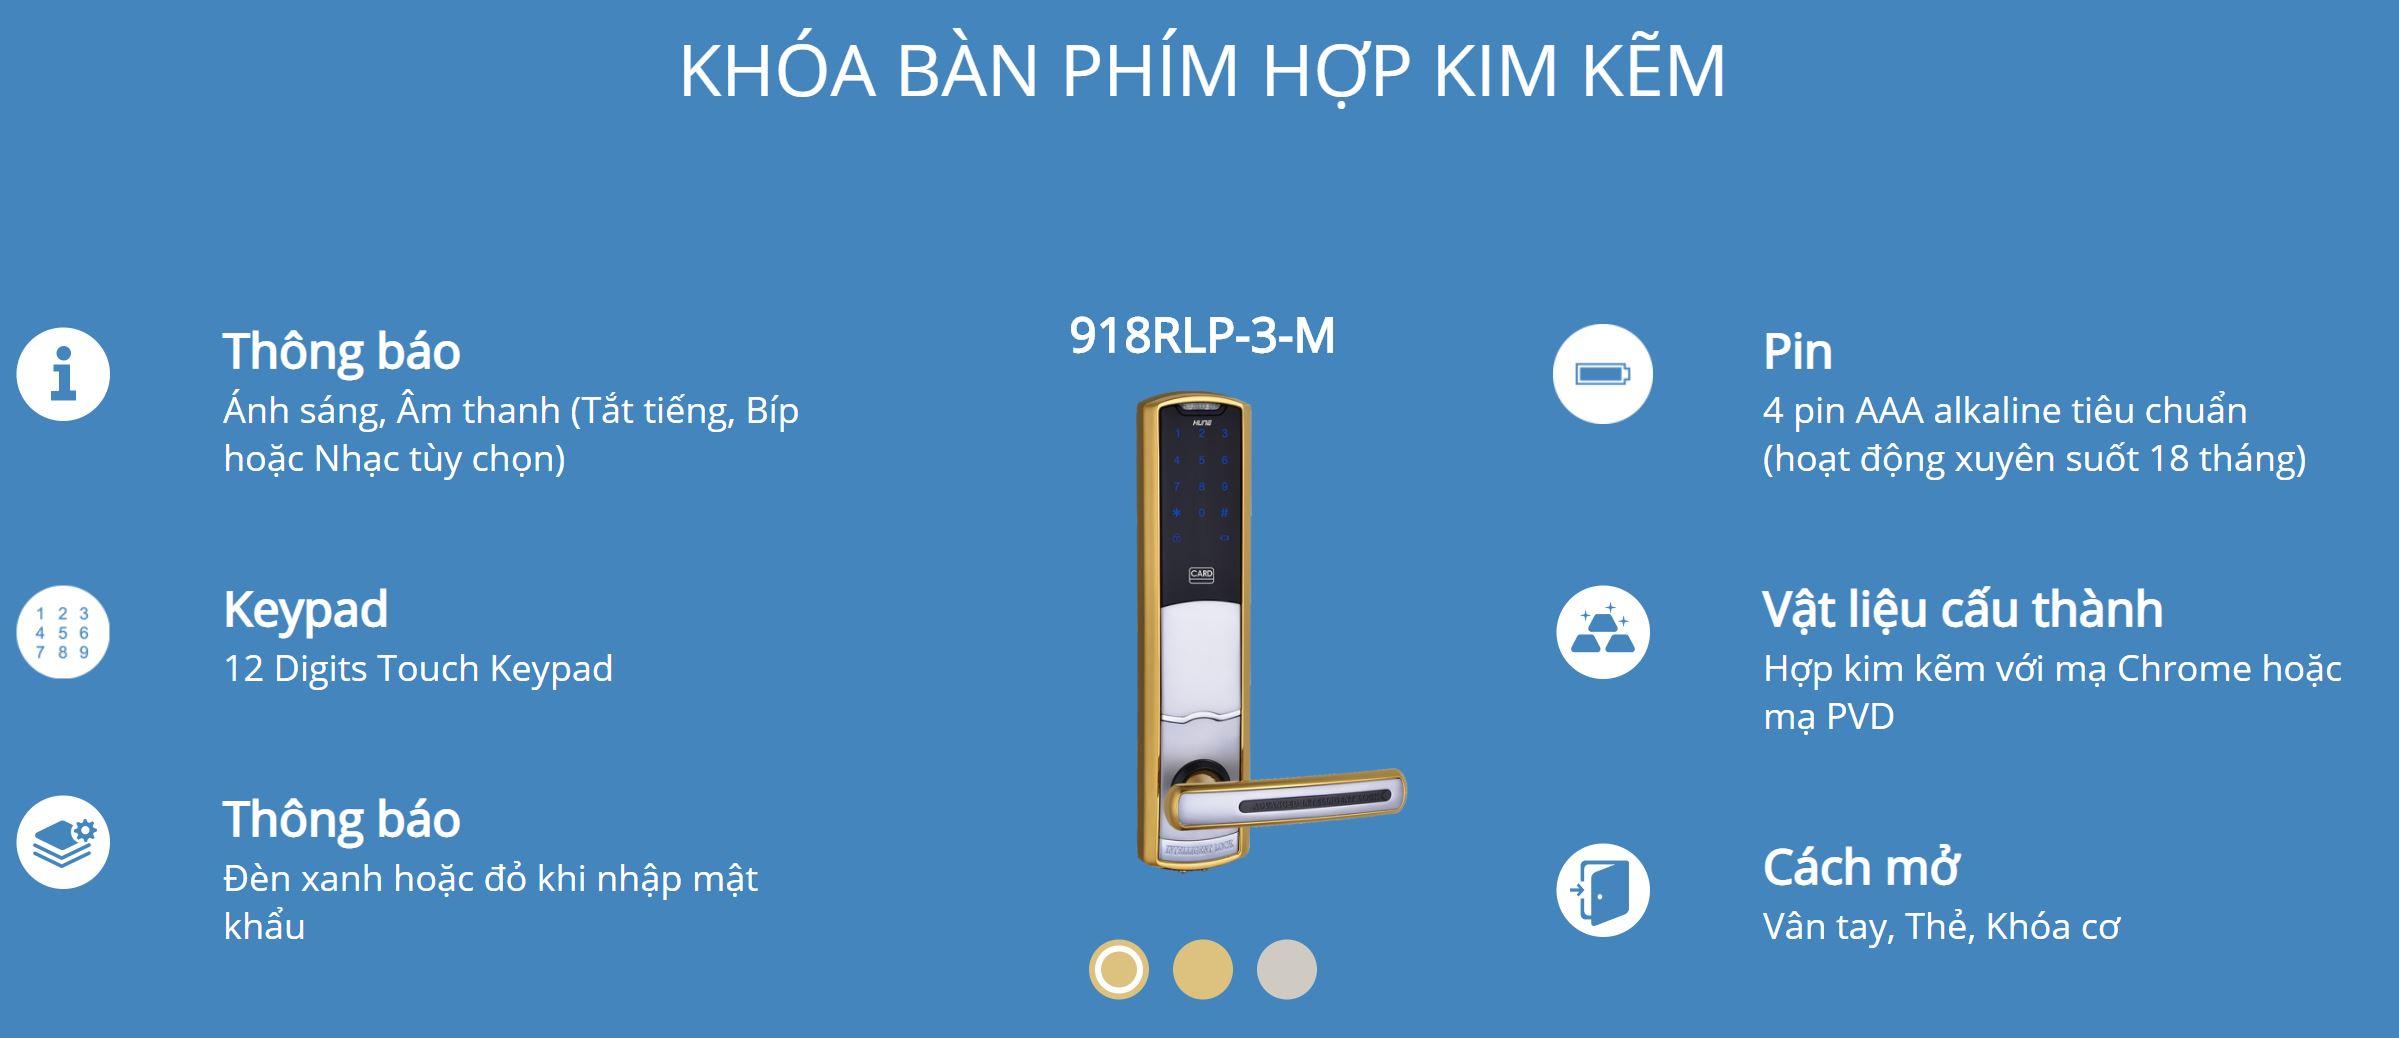 Thông tin kỹ thuật khóa Bàn Phím Thông Minh Hune 918-62-M